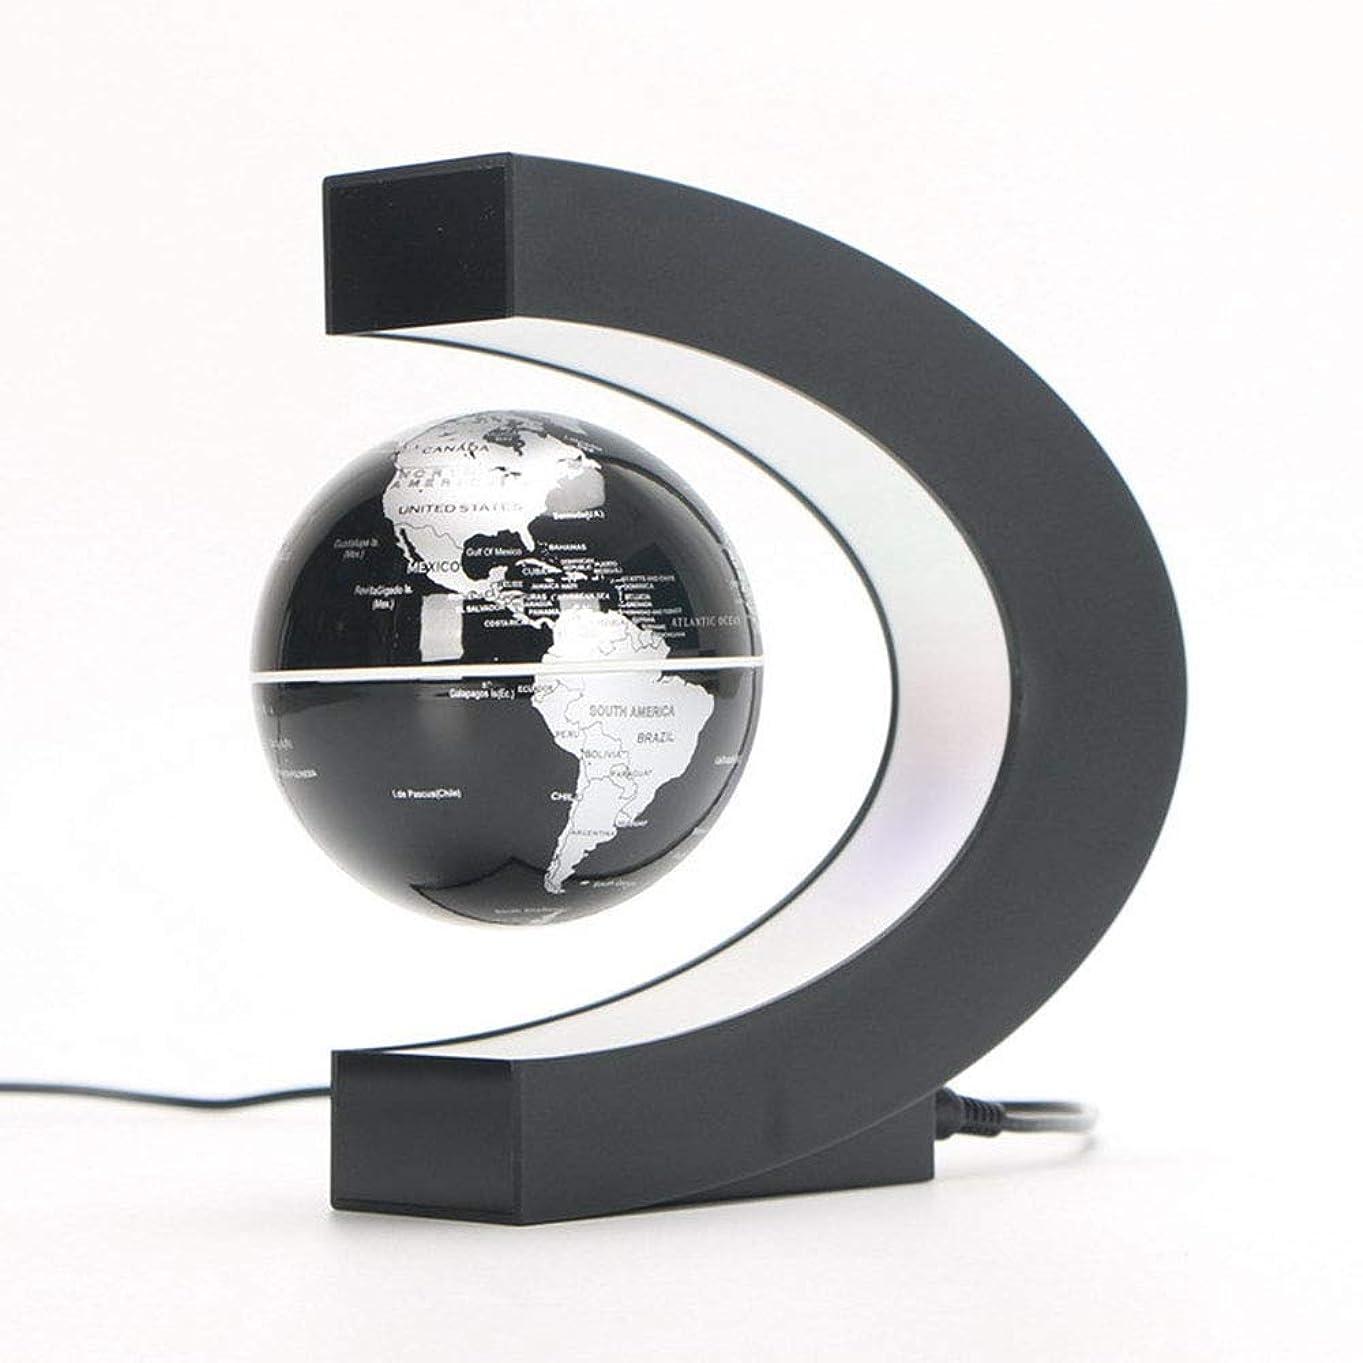 肺出来事瞬時に装飾地球儀 C字型の磁気浮上グローブ付きLEDライト世界地図デスクデコレーション3色 家庭室教室の机の装飾